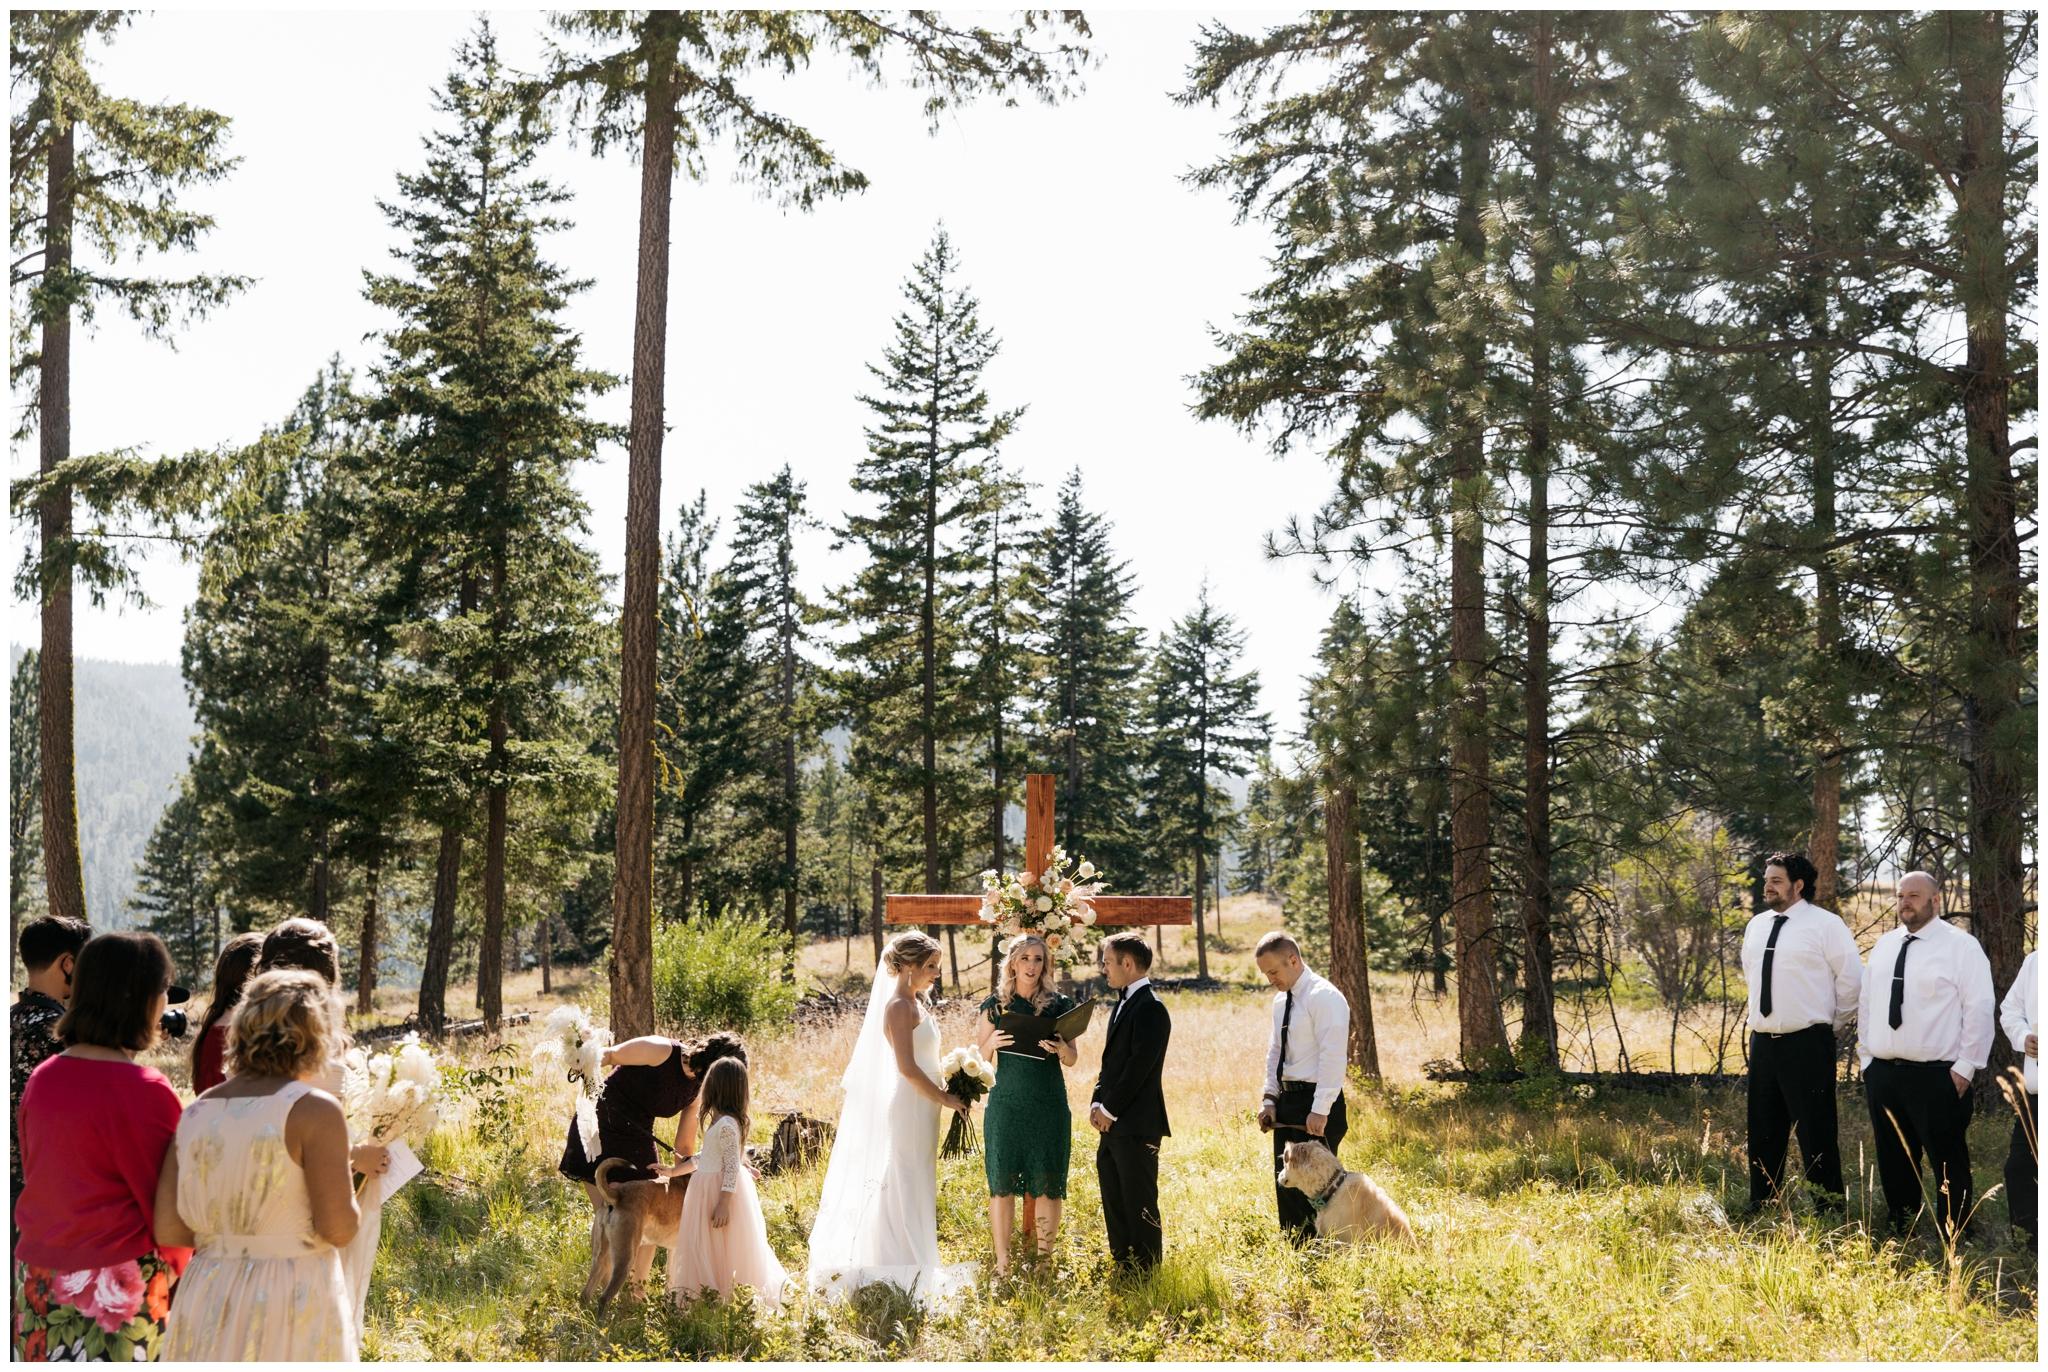 Cle Elum Summer Elopement with Brittney Hyatt Photography